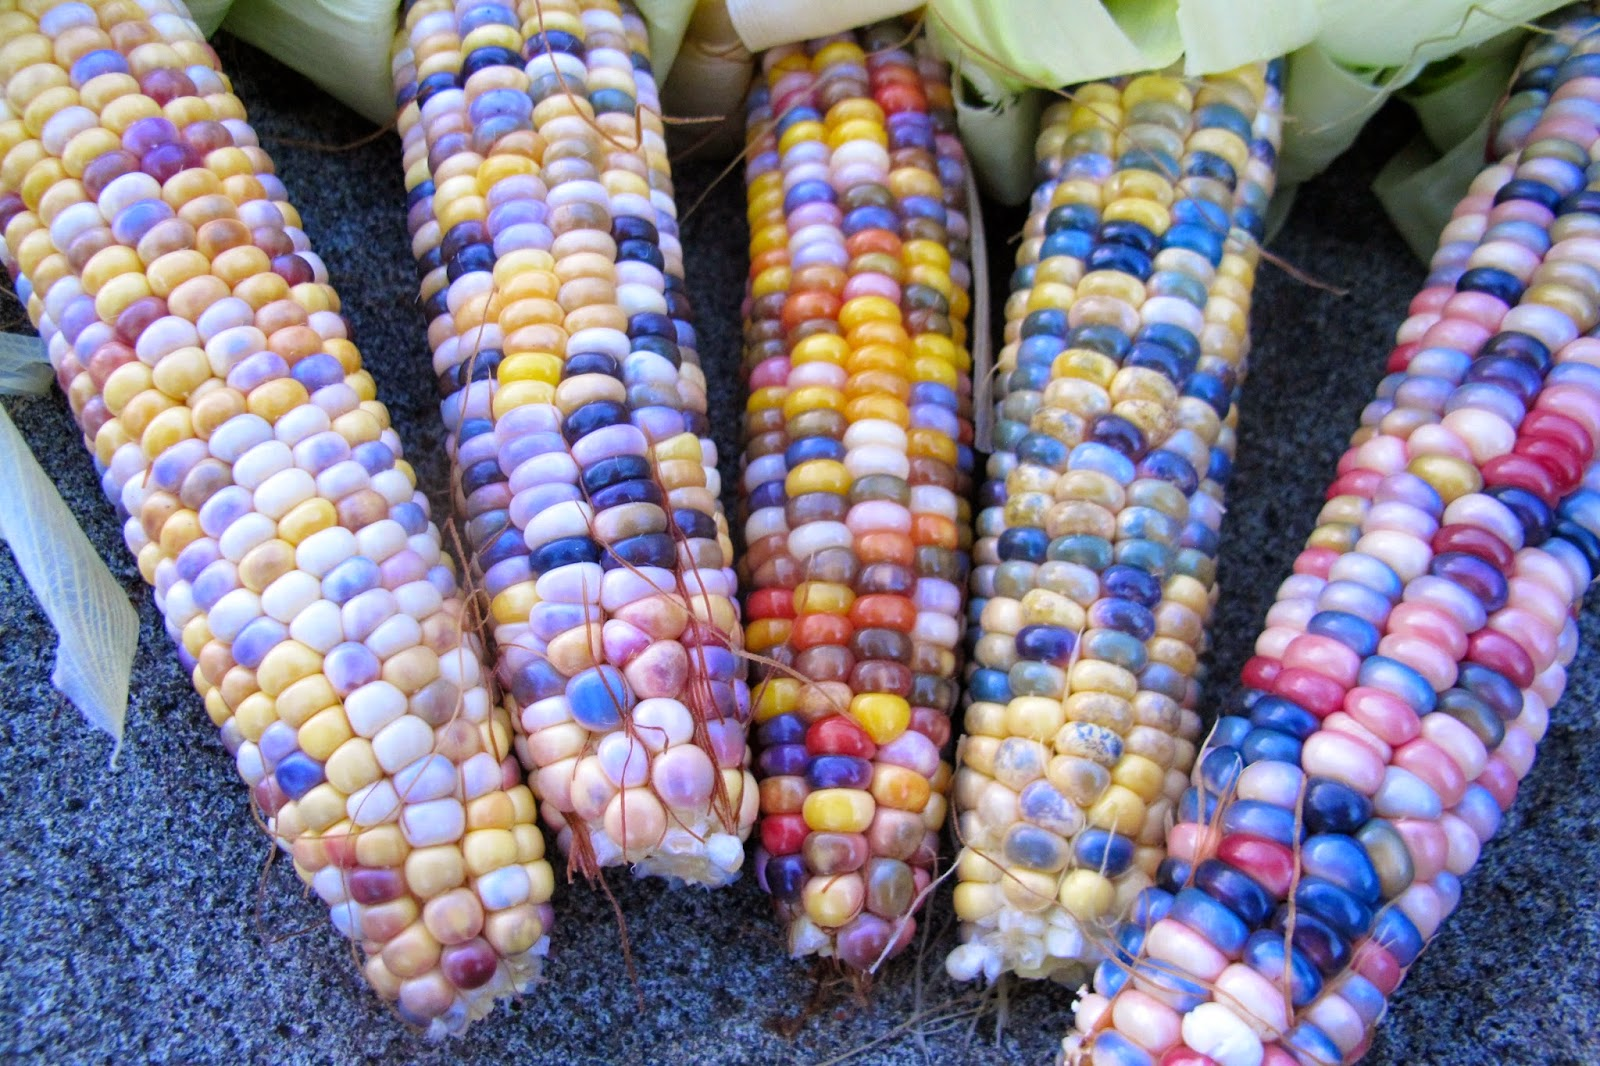 самая большая кукуруза фото